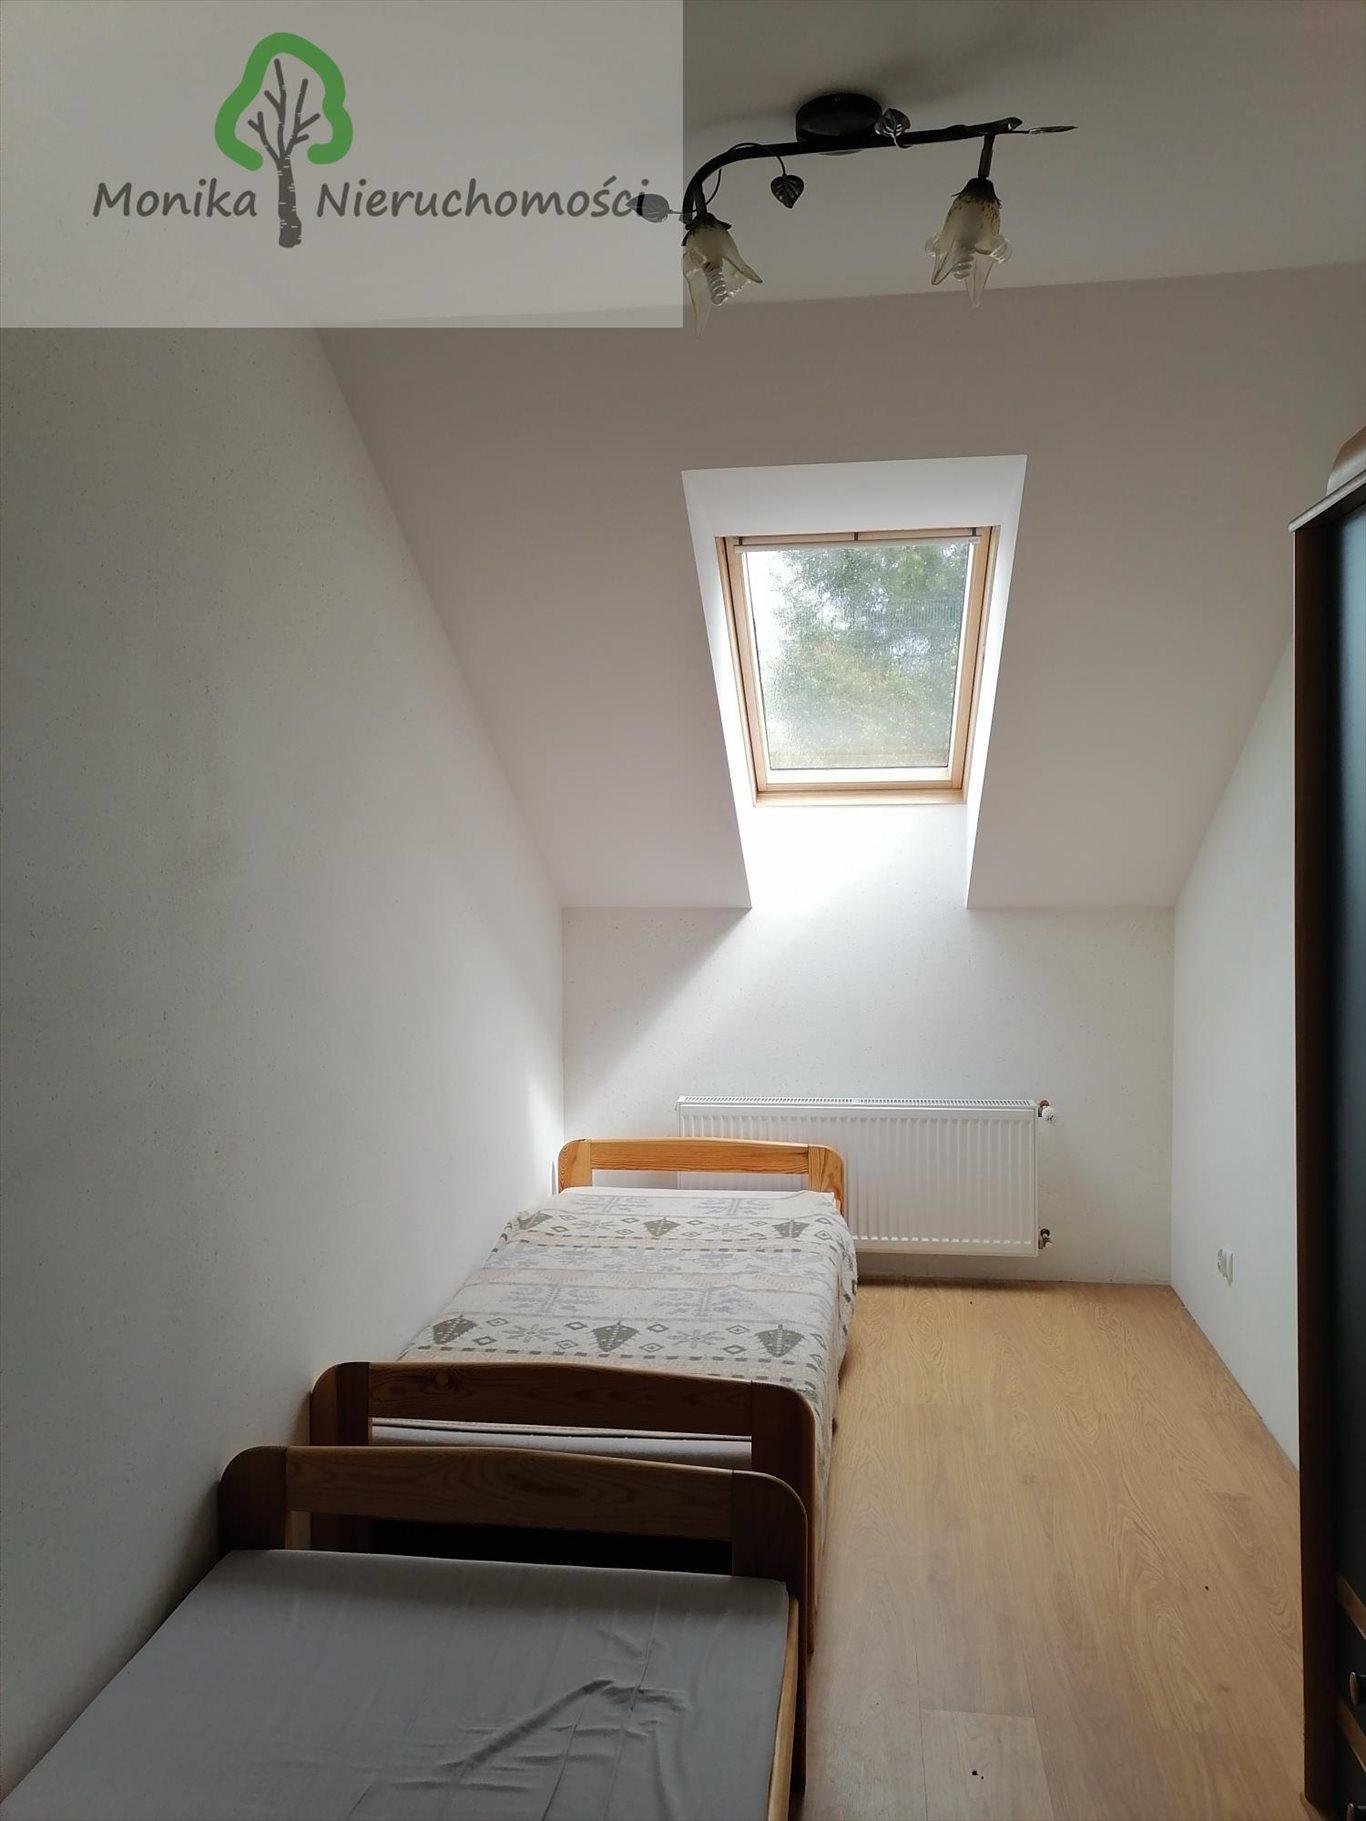 Lokal użytkowy na sprzedaż Szczerbięcin  93200m2 Foto 6